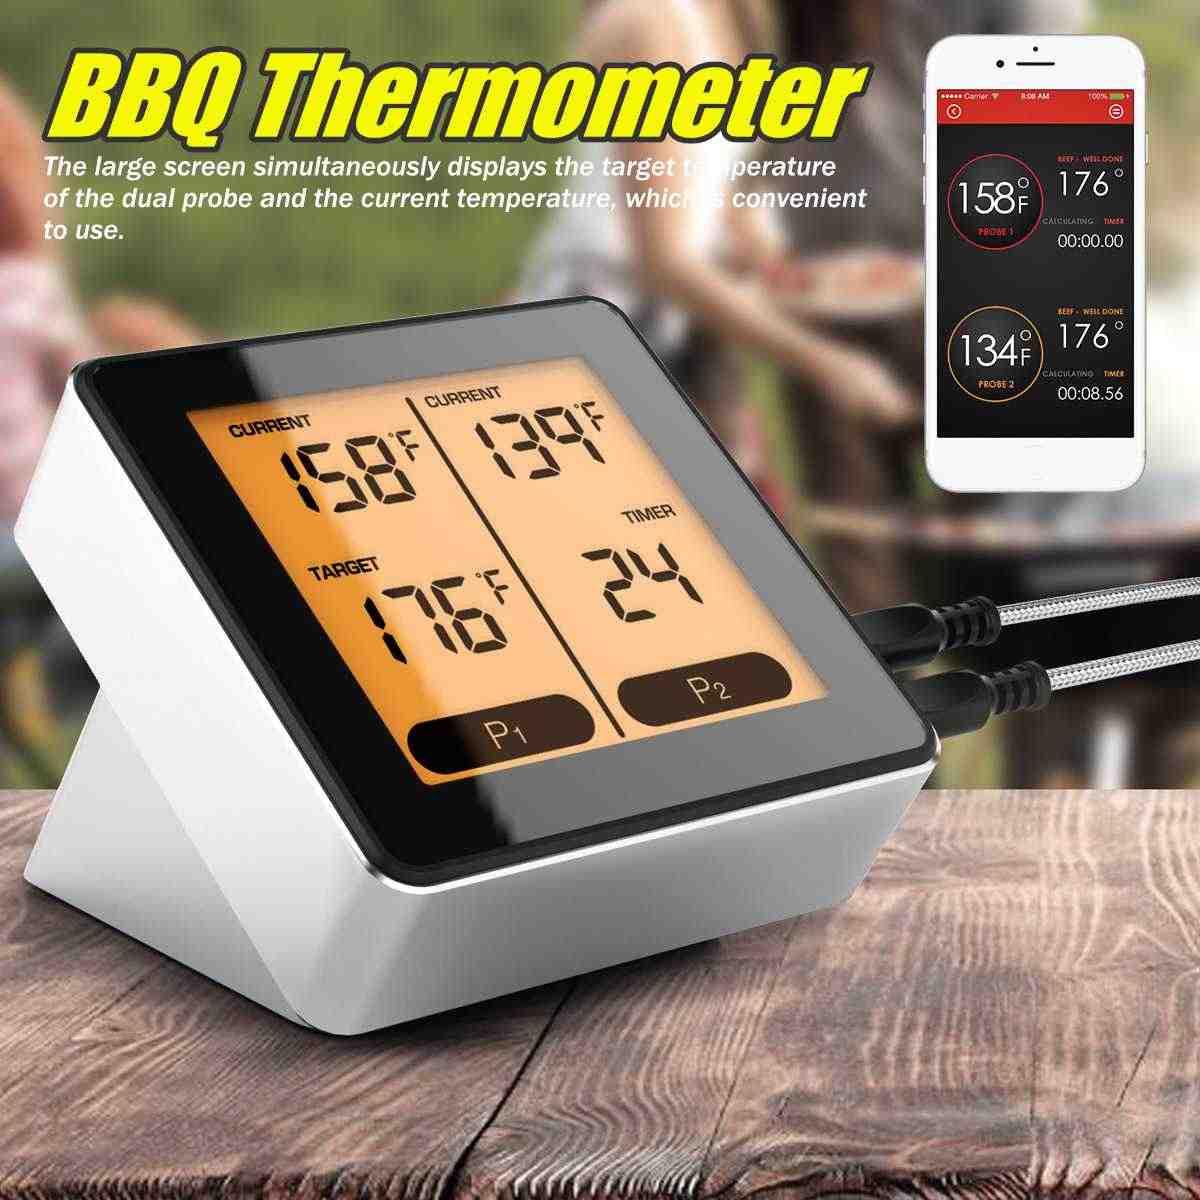 Thermomètre sans fil bluetooth BBQ thermomètre LCD cuisine thermomètre sonde APP contrôle température Instrument outils jauges rétro-éclairé